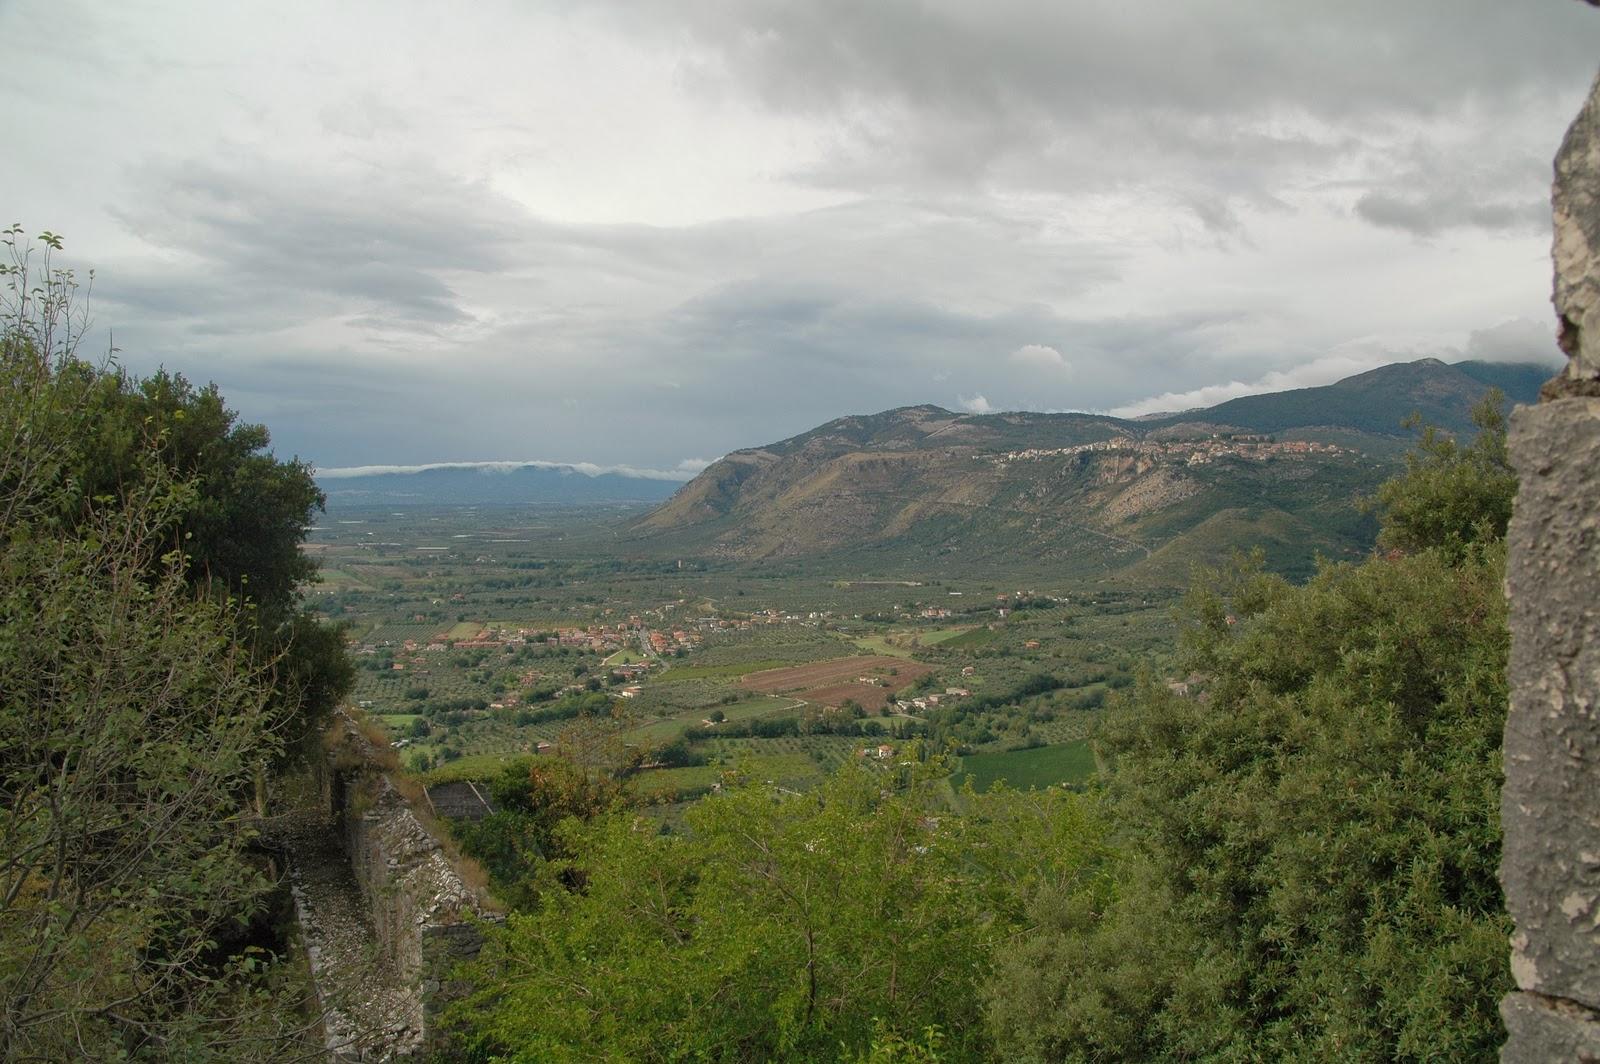 Vistao do Burgo Medieval e Castelo de Sermoneta